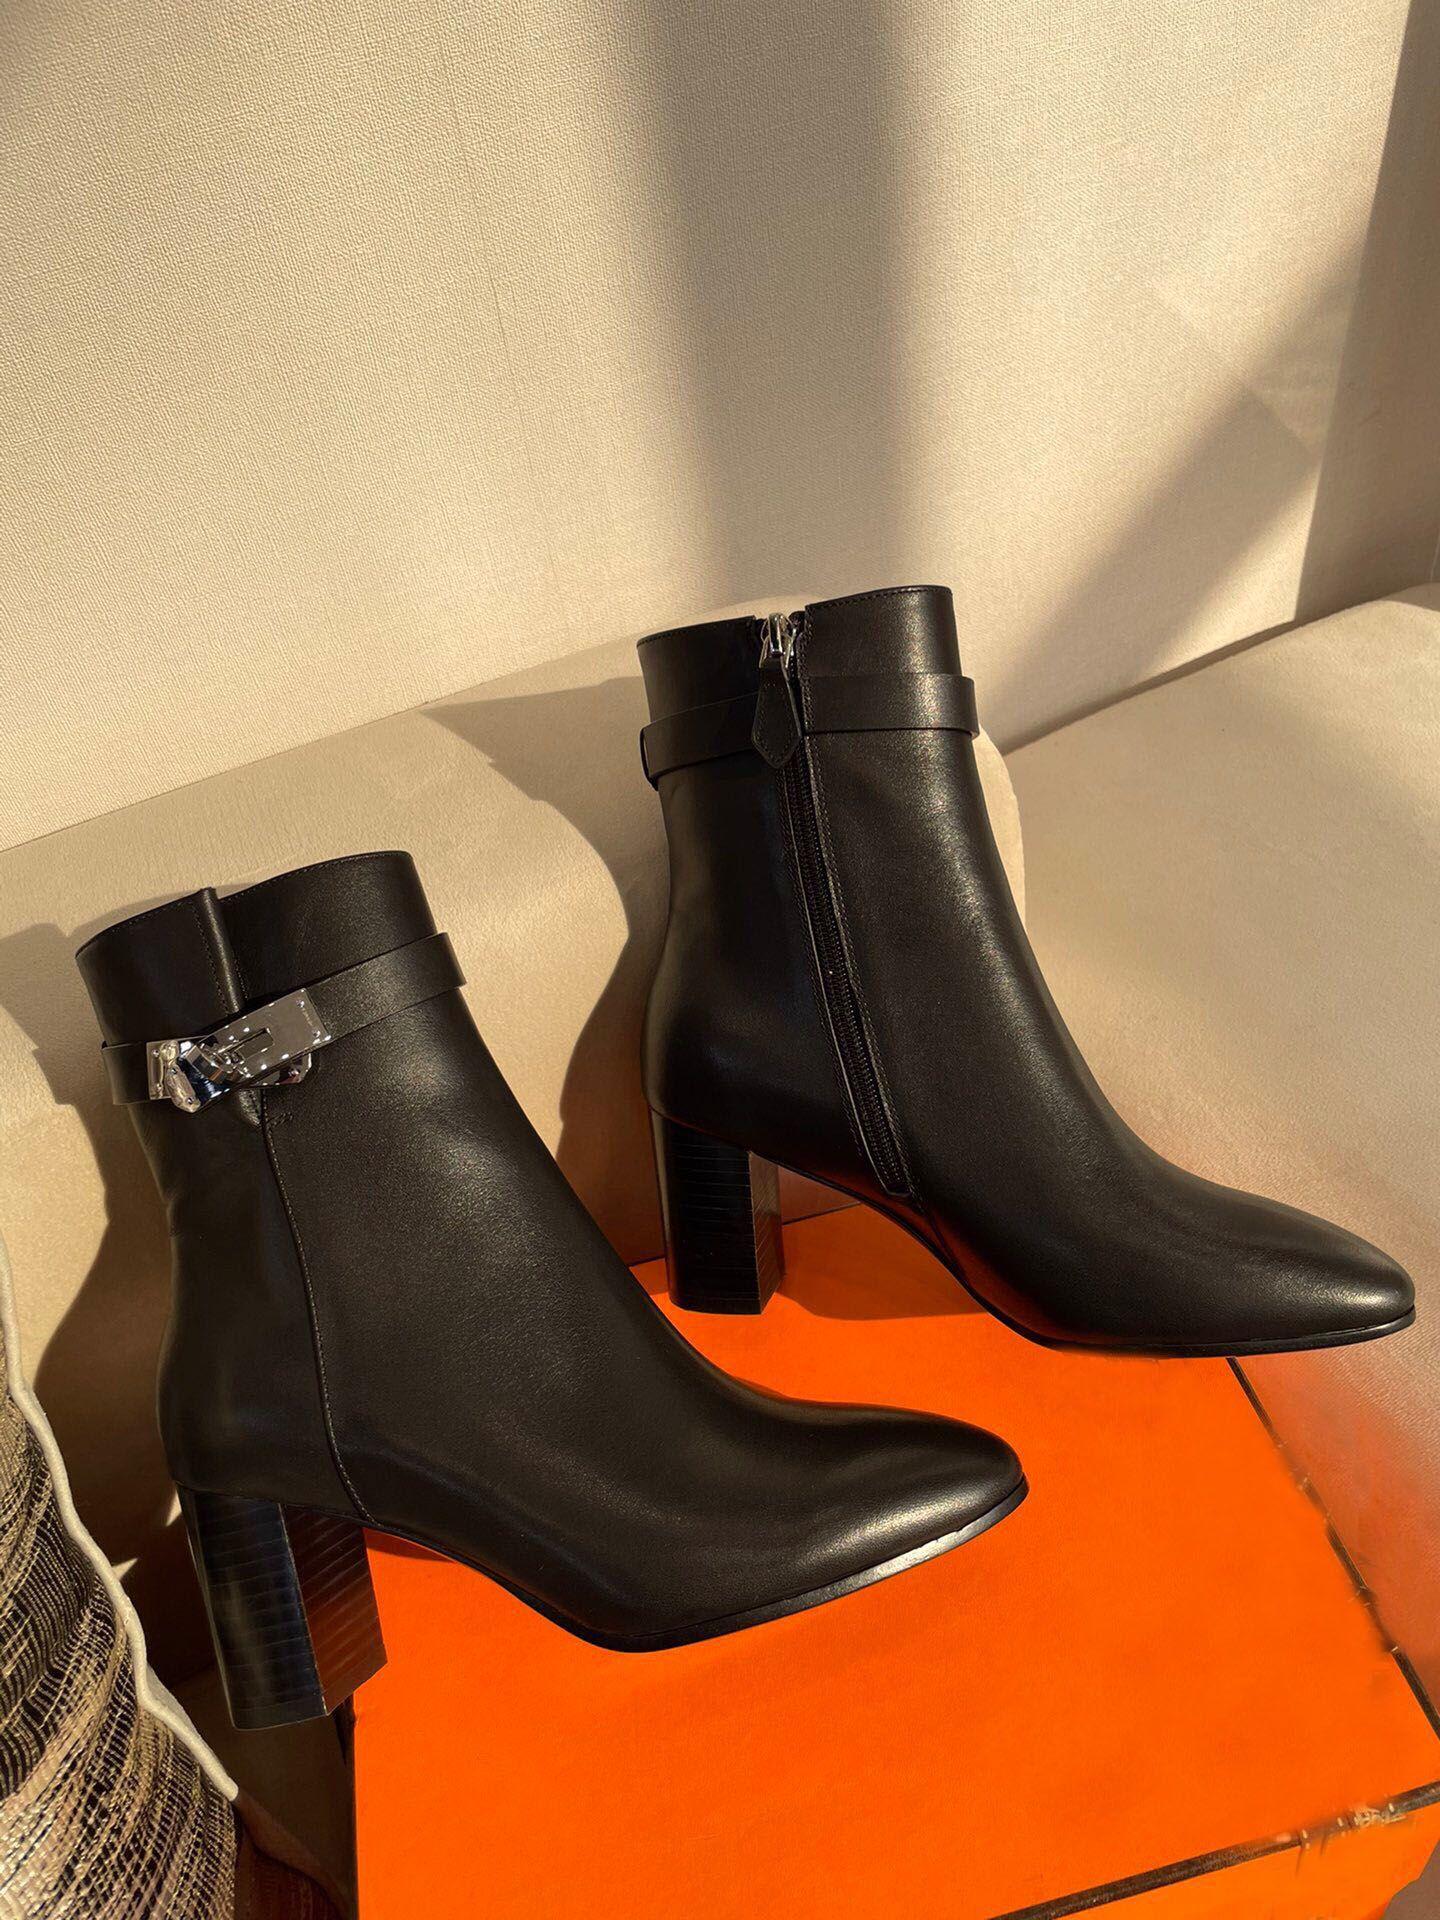 Kış Moda Lady Tokaları Kelly Martin Çizmeler Kahverengi, Siyah Deri Kadın Ayak Bileği Çizmeler Tıknaz Topuklu Mükemmel Kalite Lady Knight Booty